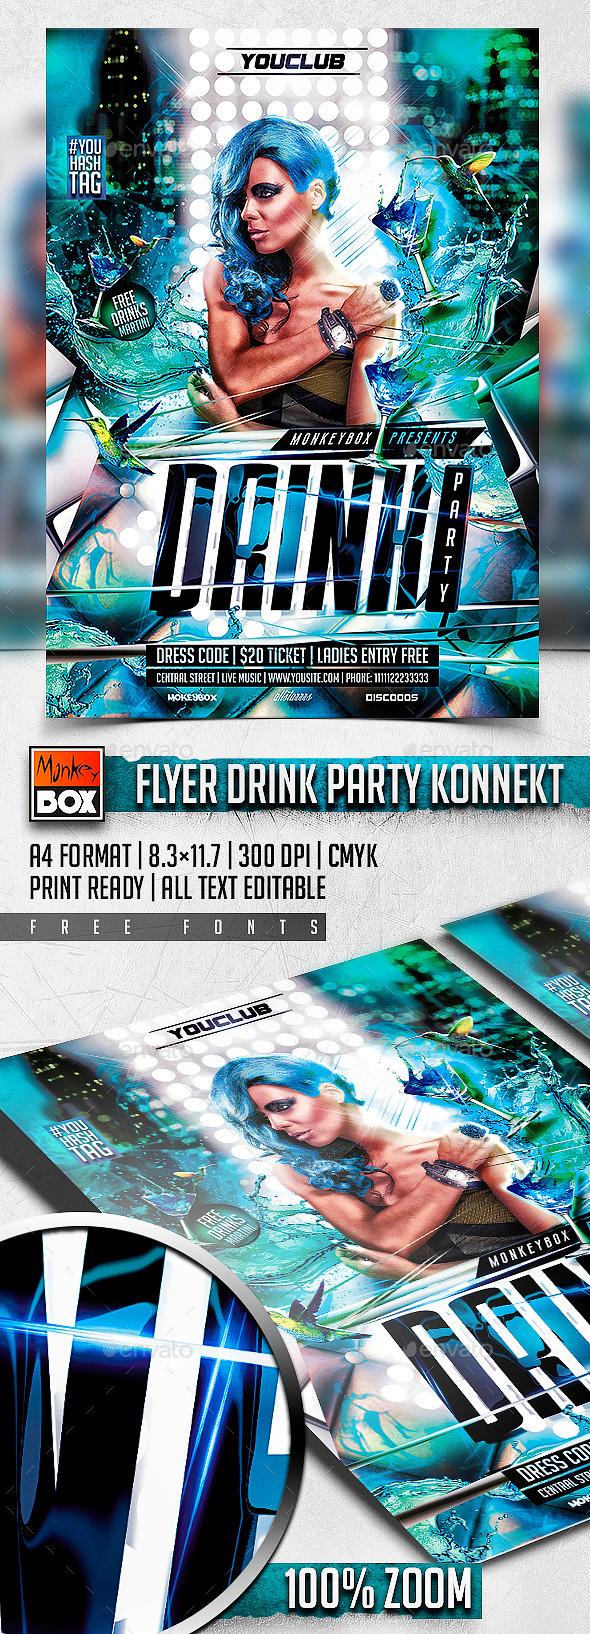 GraphicRiver Flyer Drink Party Konnekt 11124163